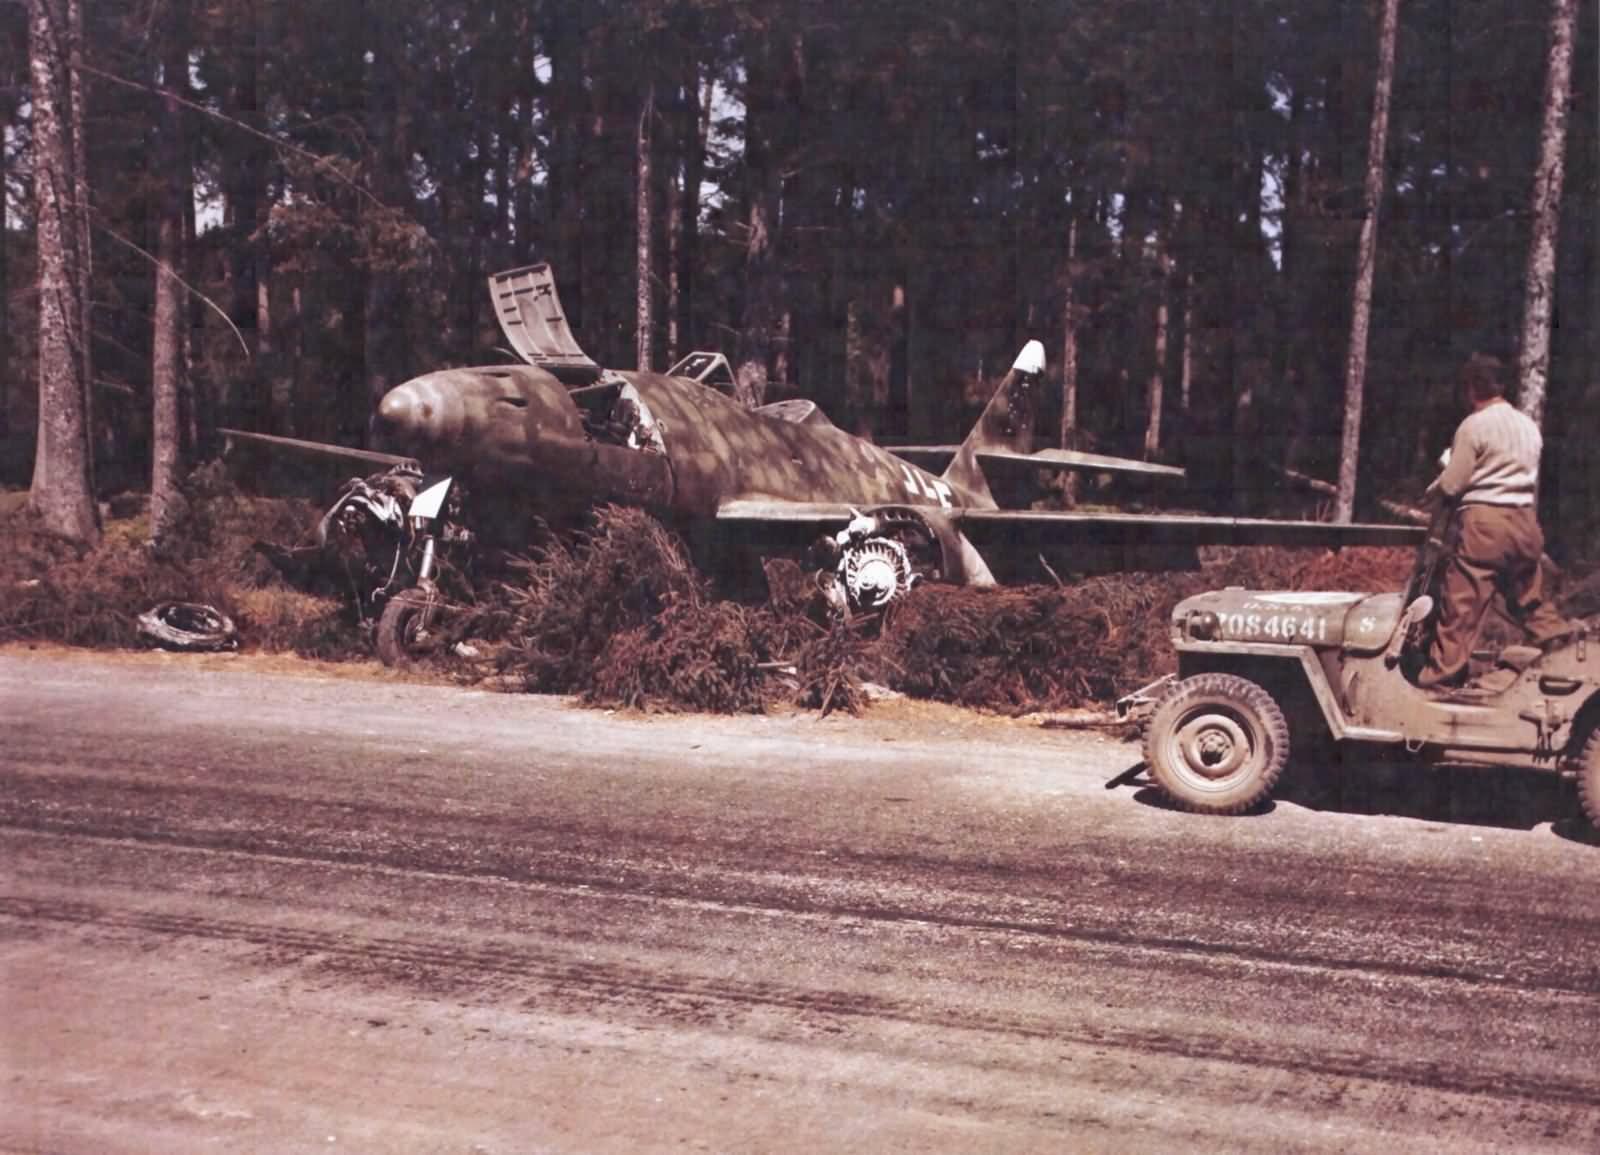 Me 262A-2a 111685 code 9K+FH color photo